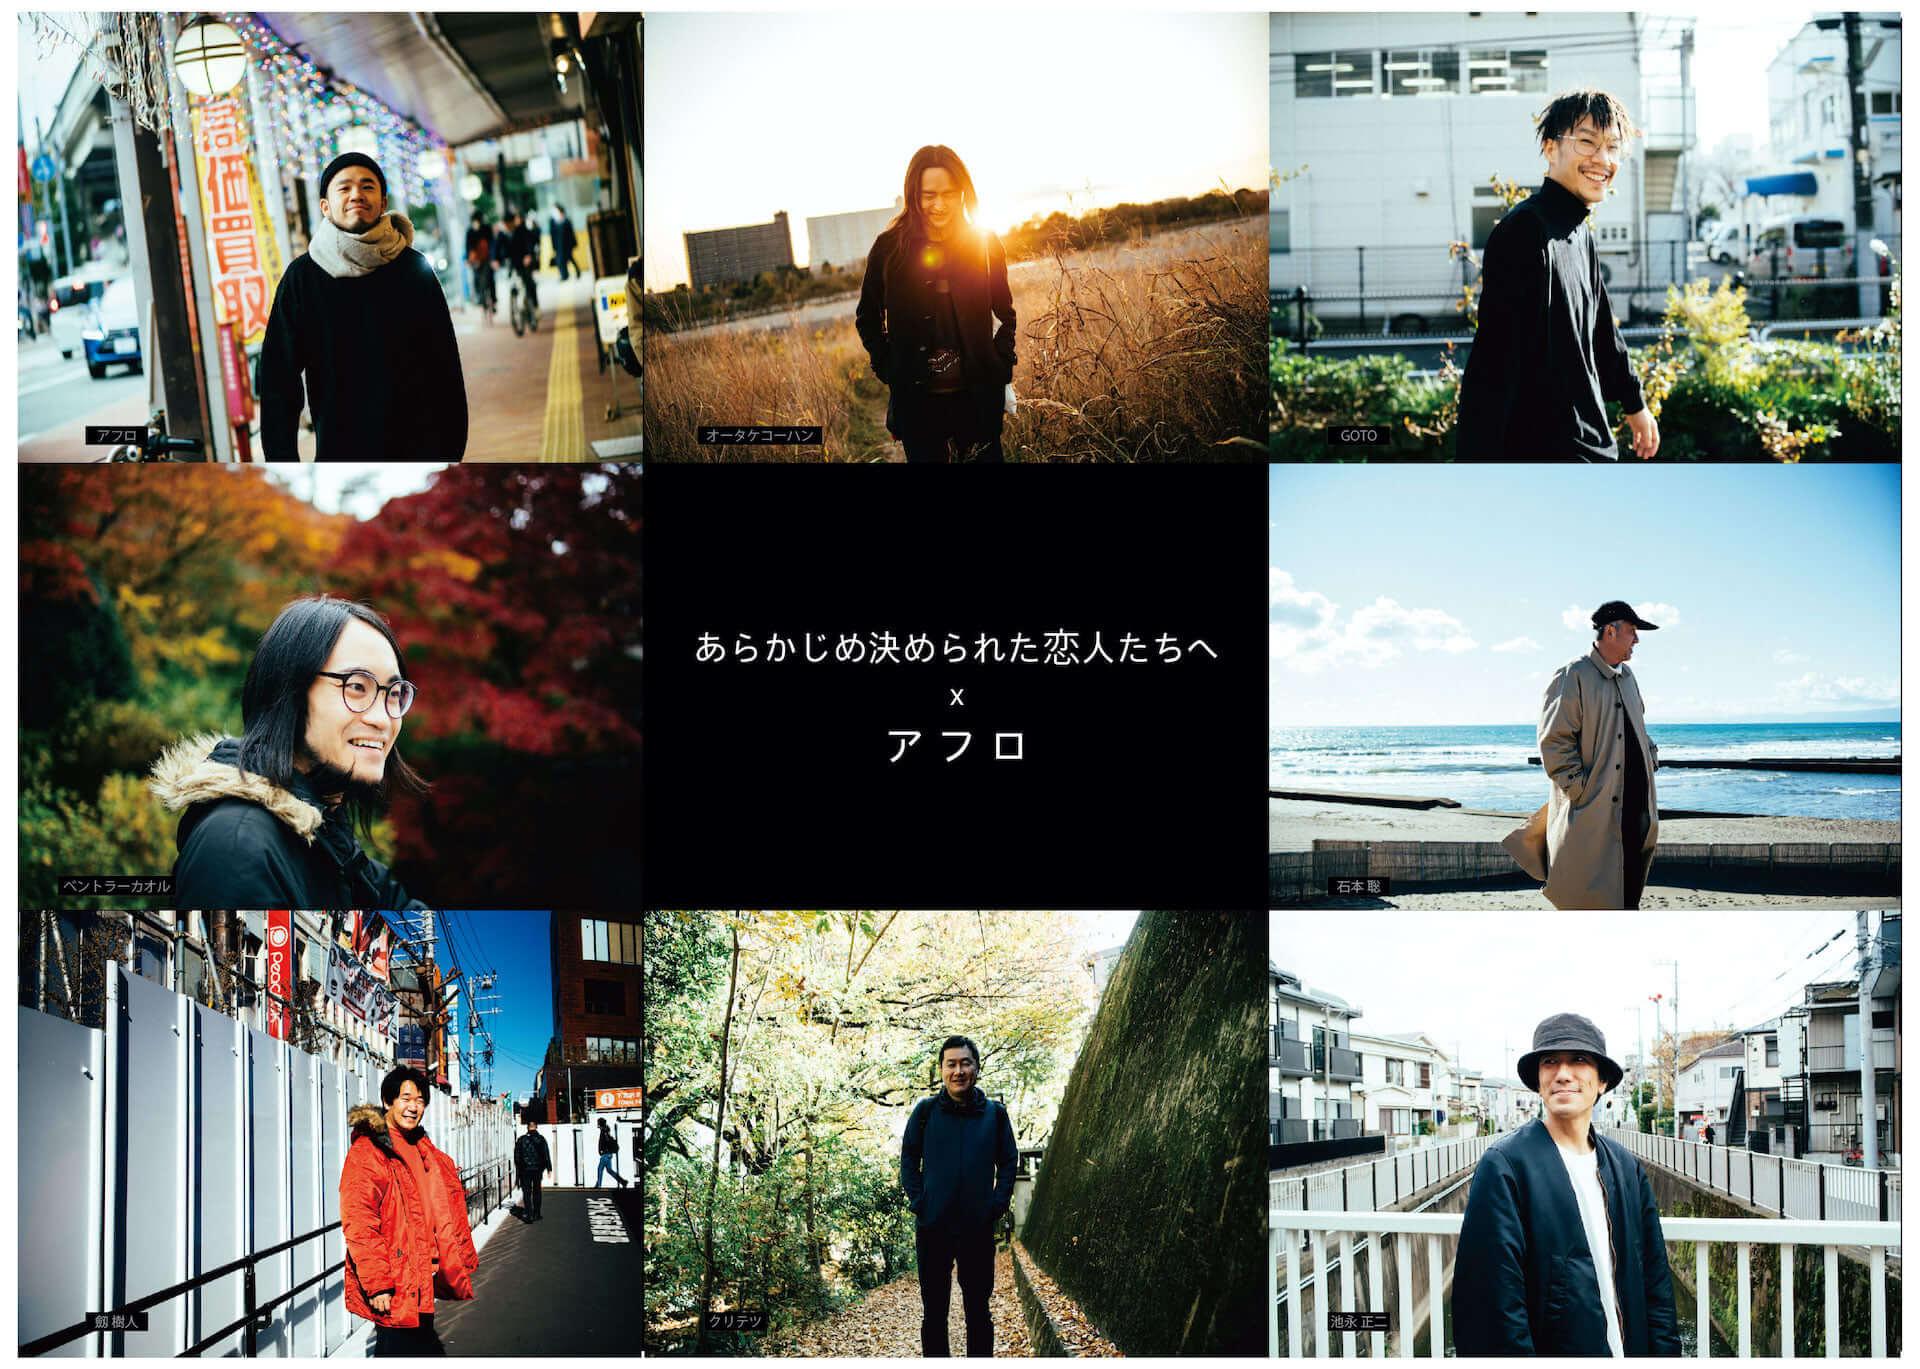 """あらかじめ決められた恋人たちがMOROHA・アフロをフィーチャーした新シングル""""日々""""を発表!限定CDもリリース決定 music210126_arakajime_2-1920x1369"""